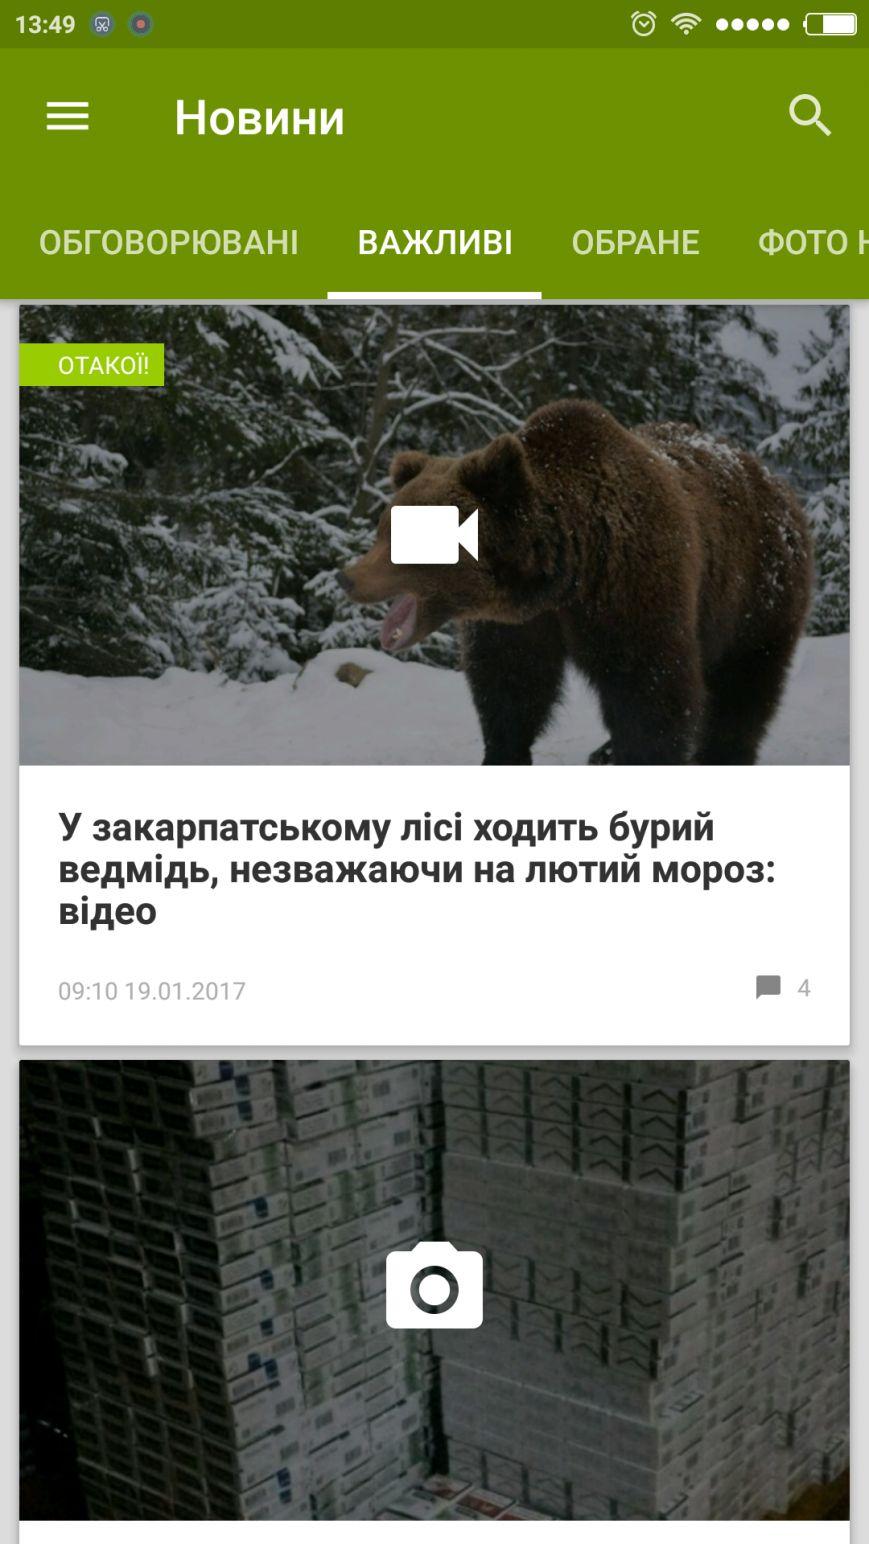 Screenshot_2017-01-23-13-49-23_ua.com.citysites.uzhgorod